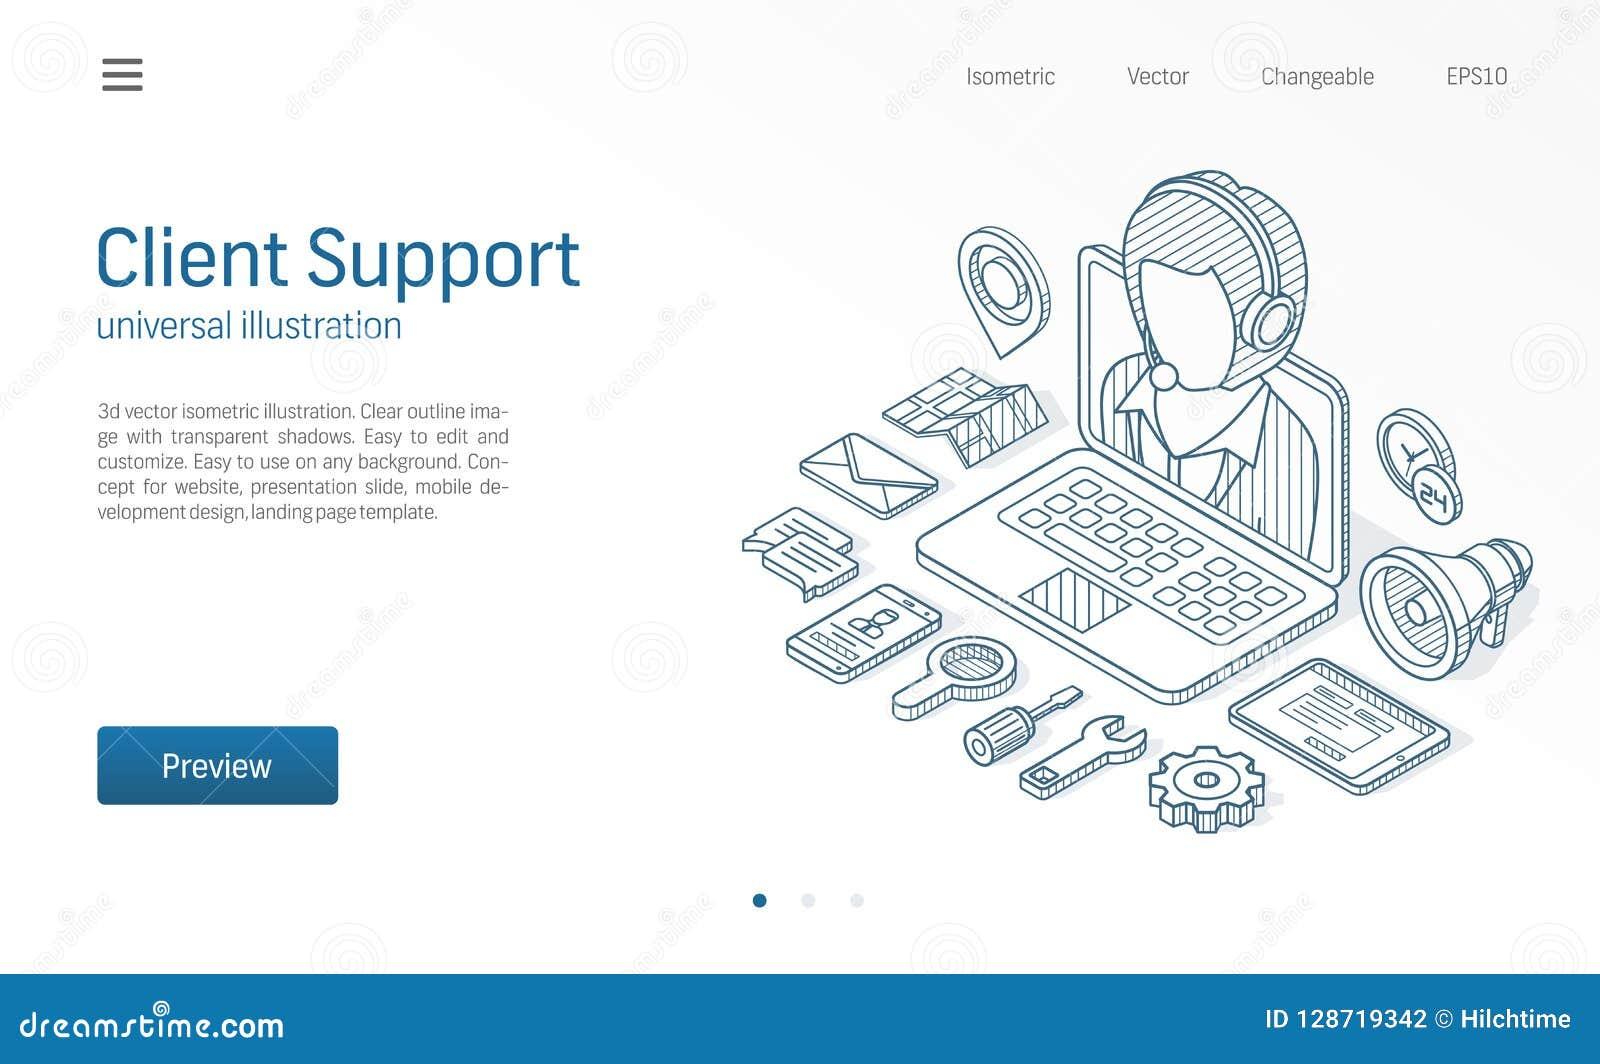 Ο πελάτης, κέντρο υποστήριξης πελατών, μας έρχεται σε επαφή με isometric απεικόνιση γραμμών Η υπηρεσία κλήσης, γραφείο βοήθειας,